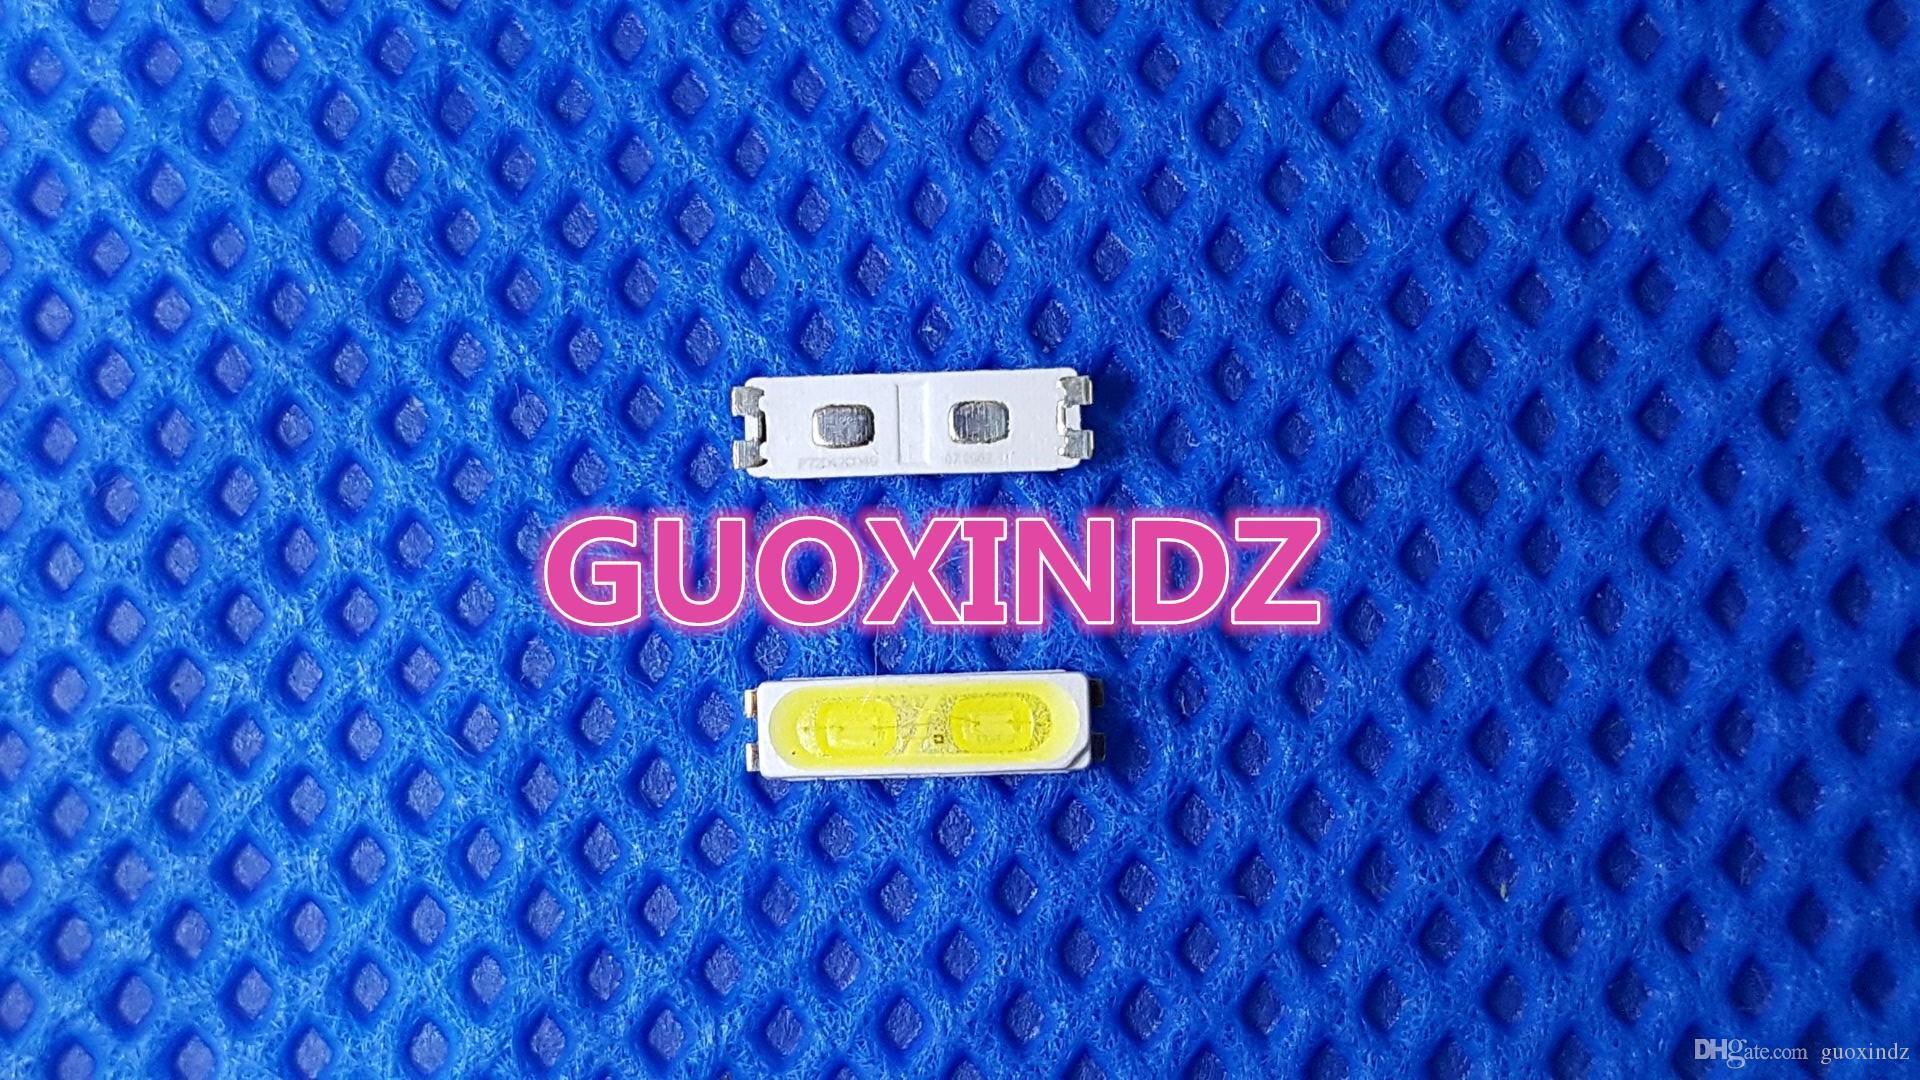 ЛГ Иннотек светодиодной подсветкой LED 0,5 Вт 7020 3В 40 ЛМ холодный белый ЖК-подсветки для ТВ приложений